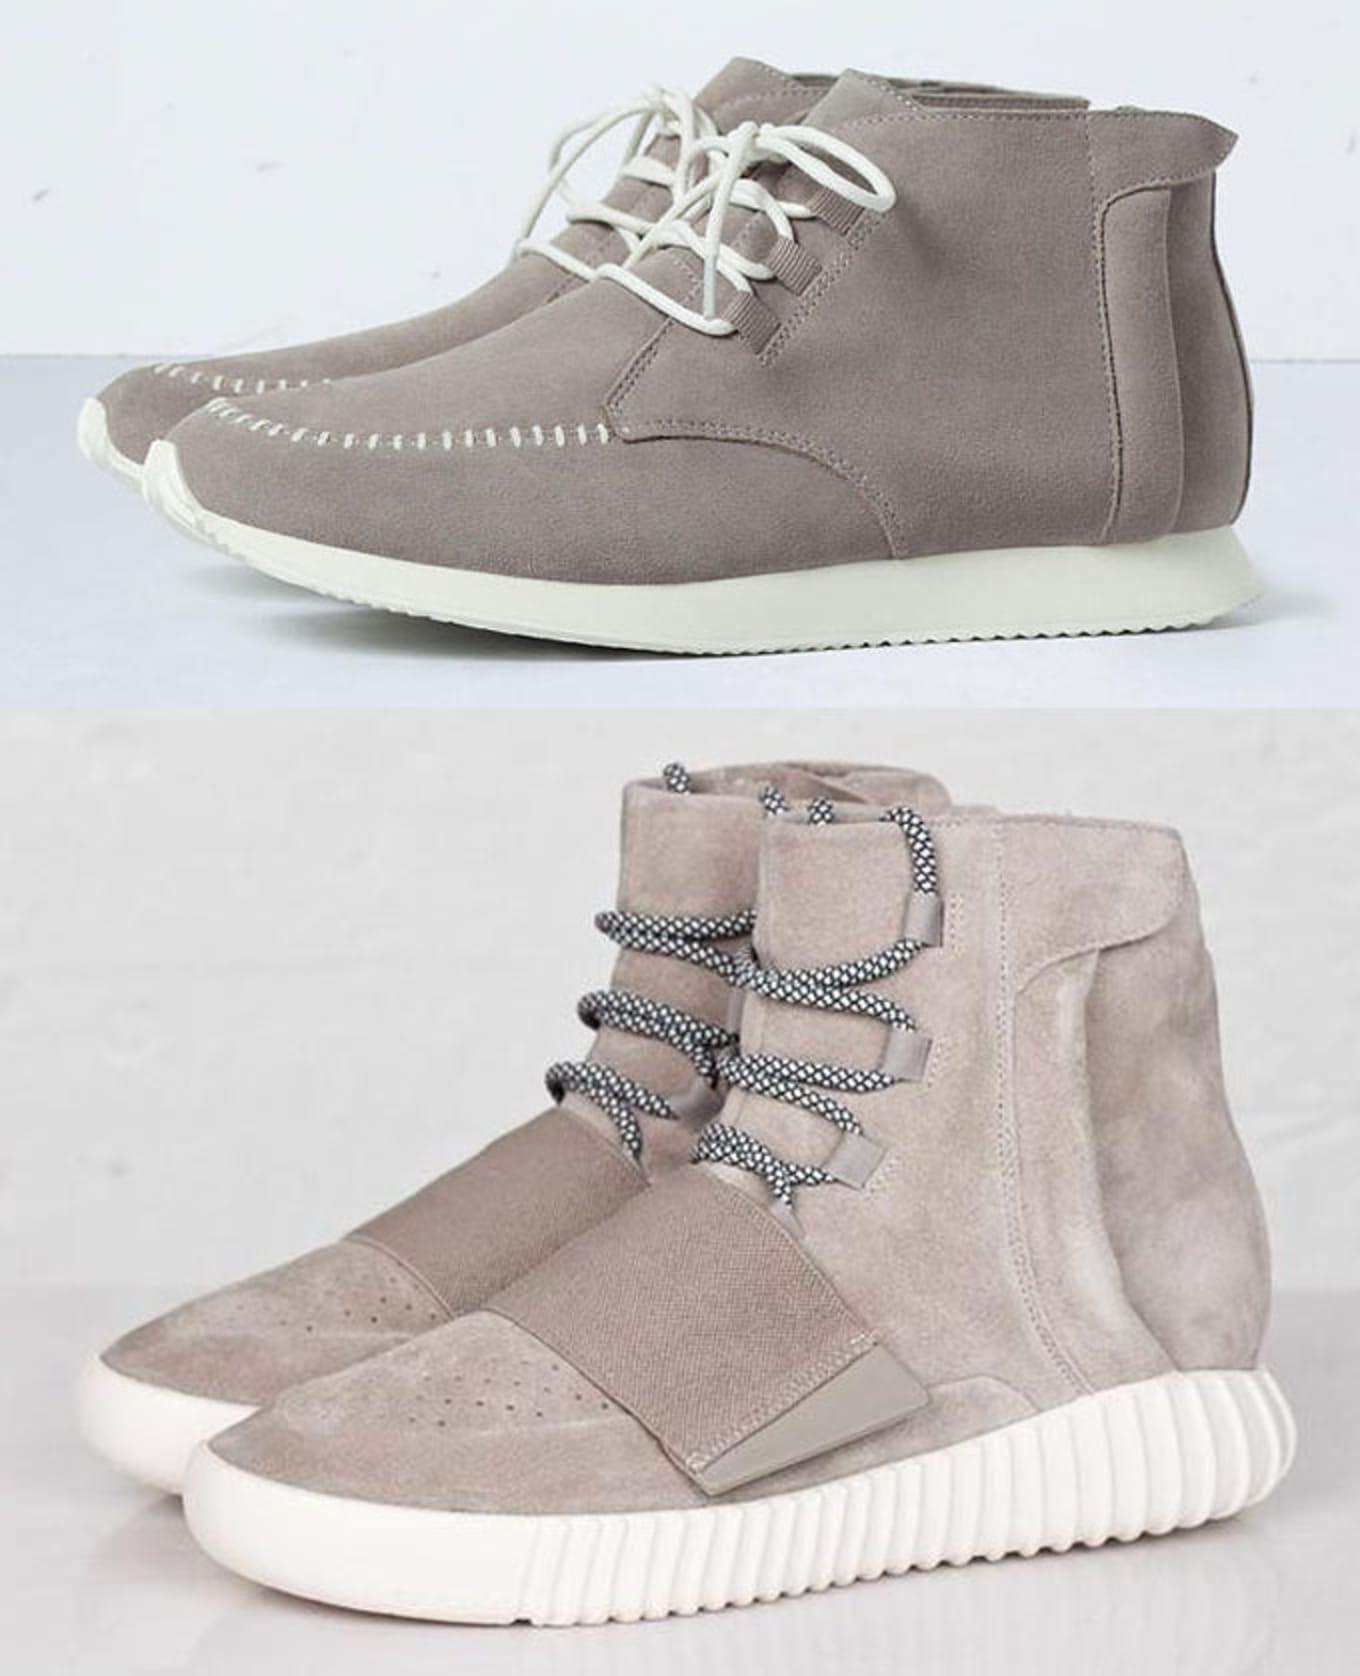 Yeezy Collector Kanye Kanye ComparisonsSole West West Yeezy OXlPkiwZuT